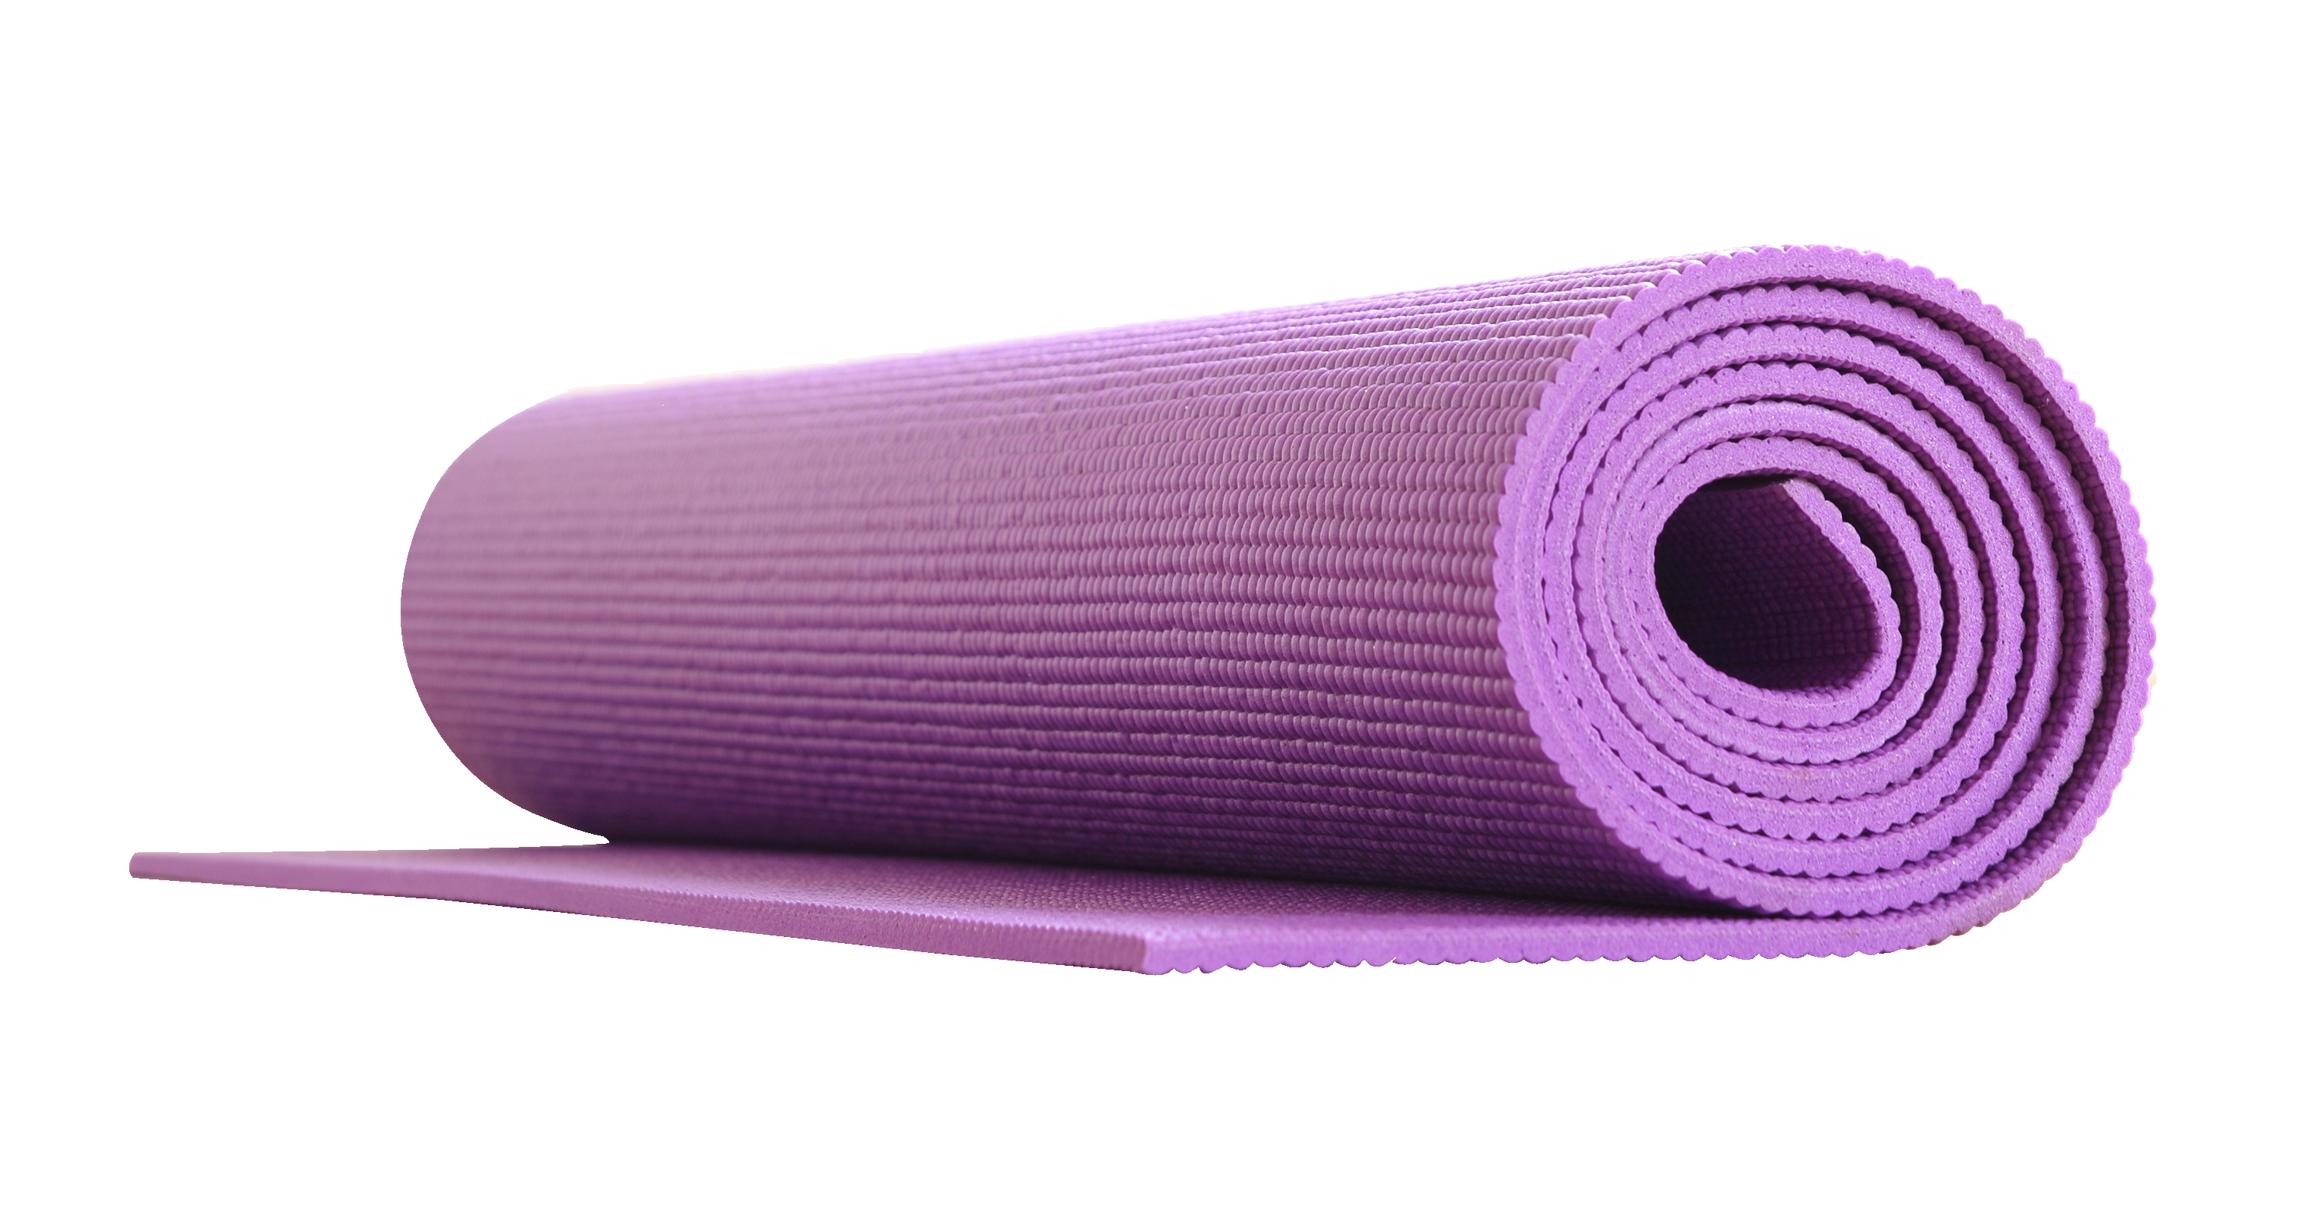 Yoga Mat PNG Transparent Image 2 1.